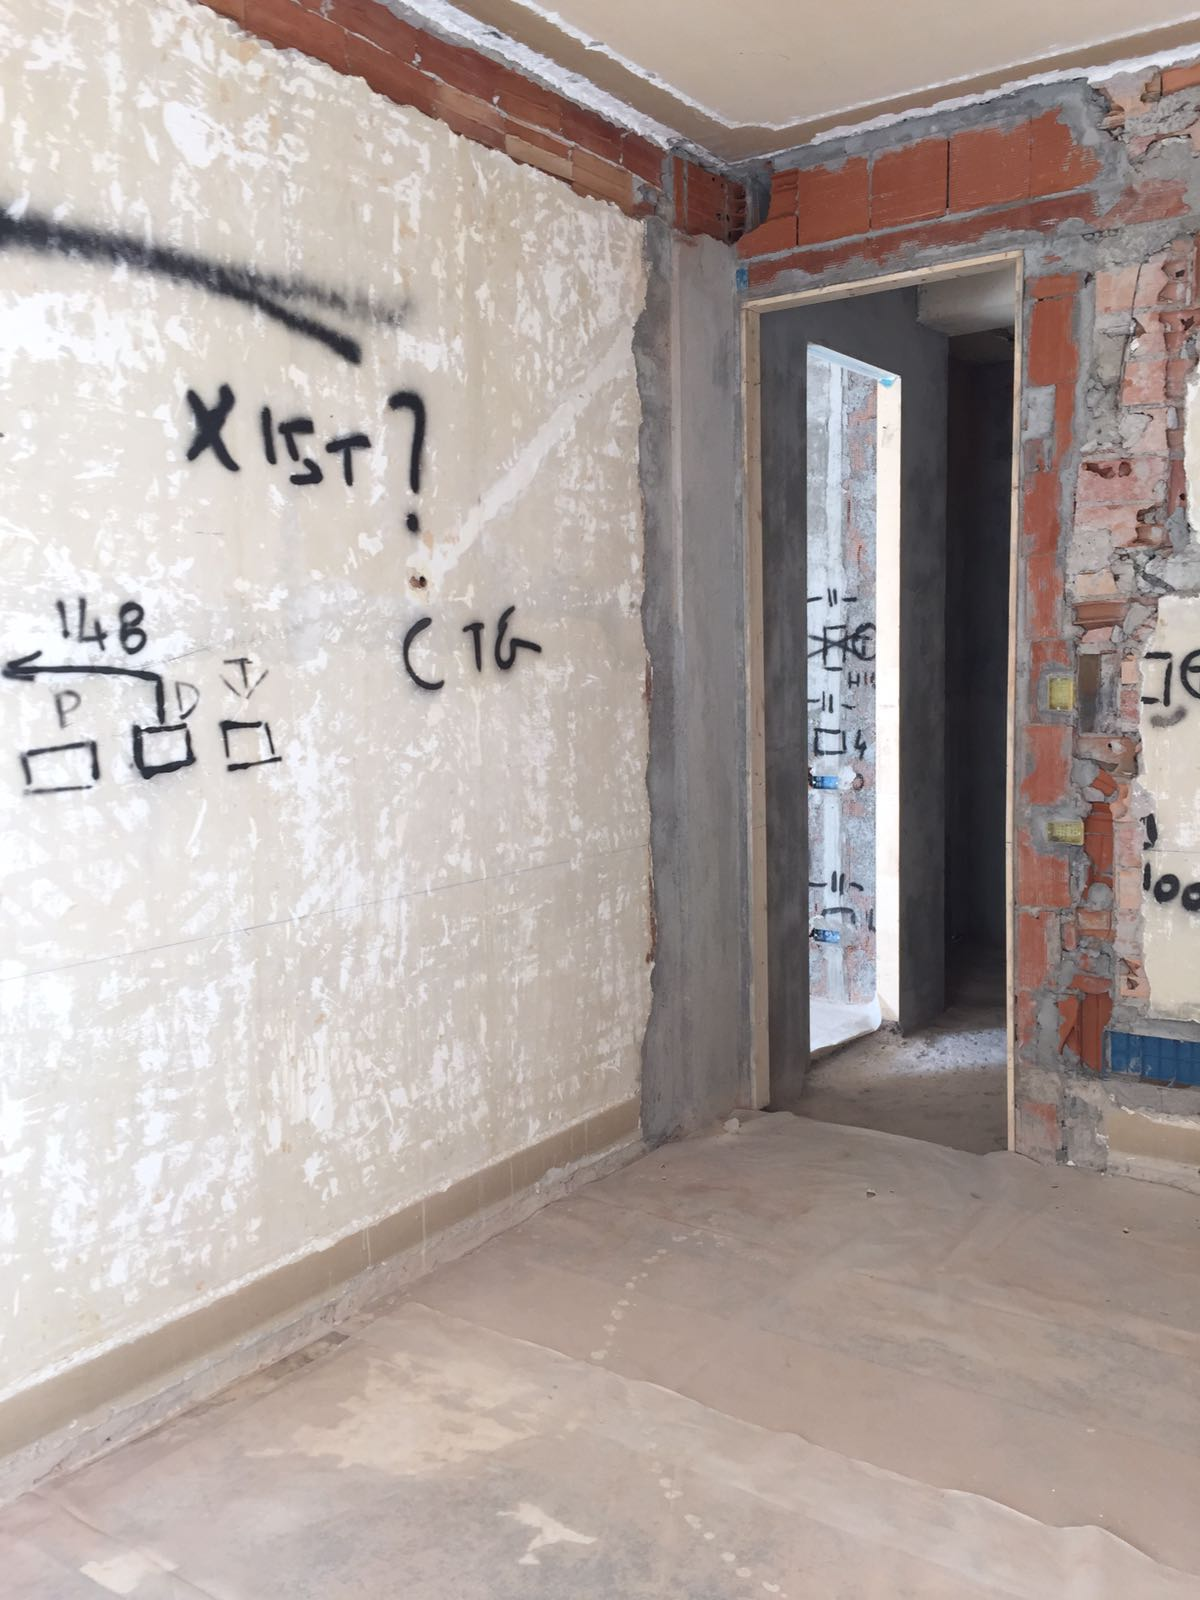 9. Tracciamento impianto elettrico a parete: lavori in corso.